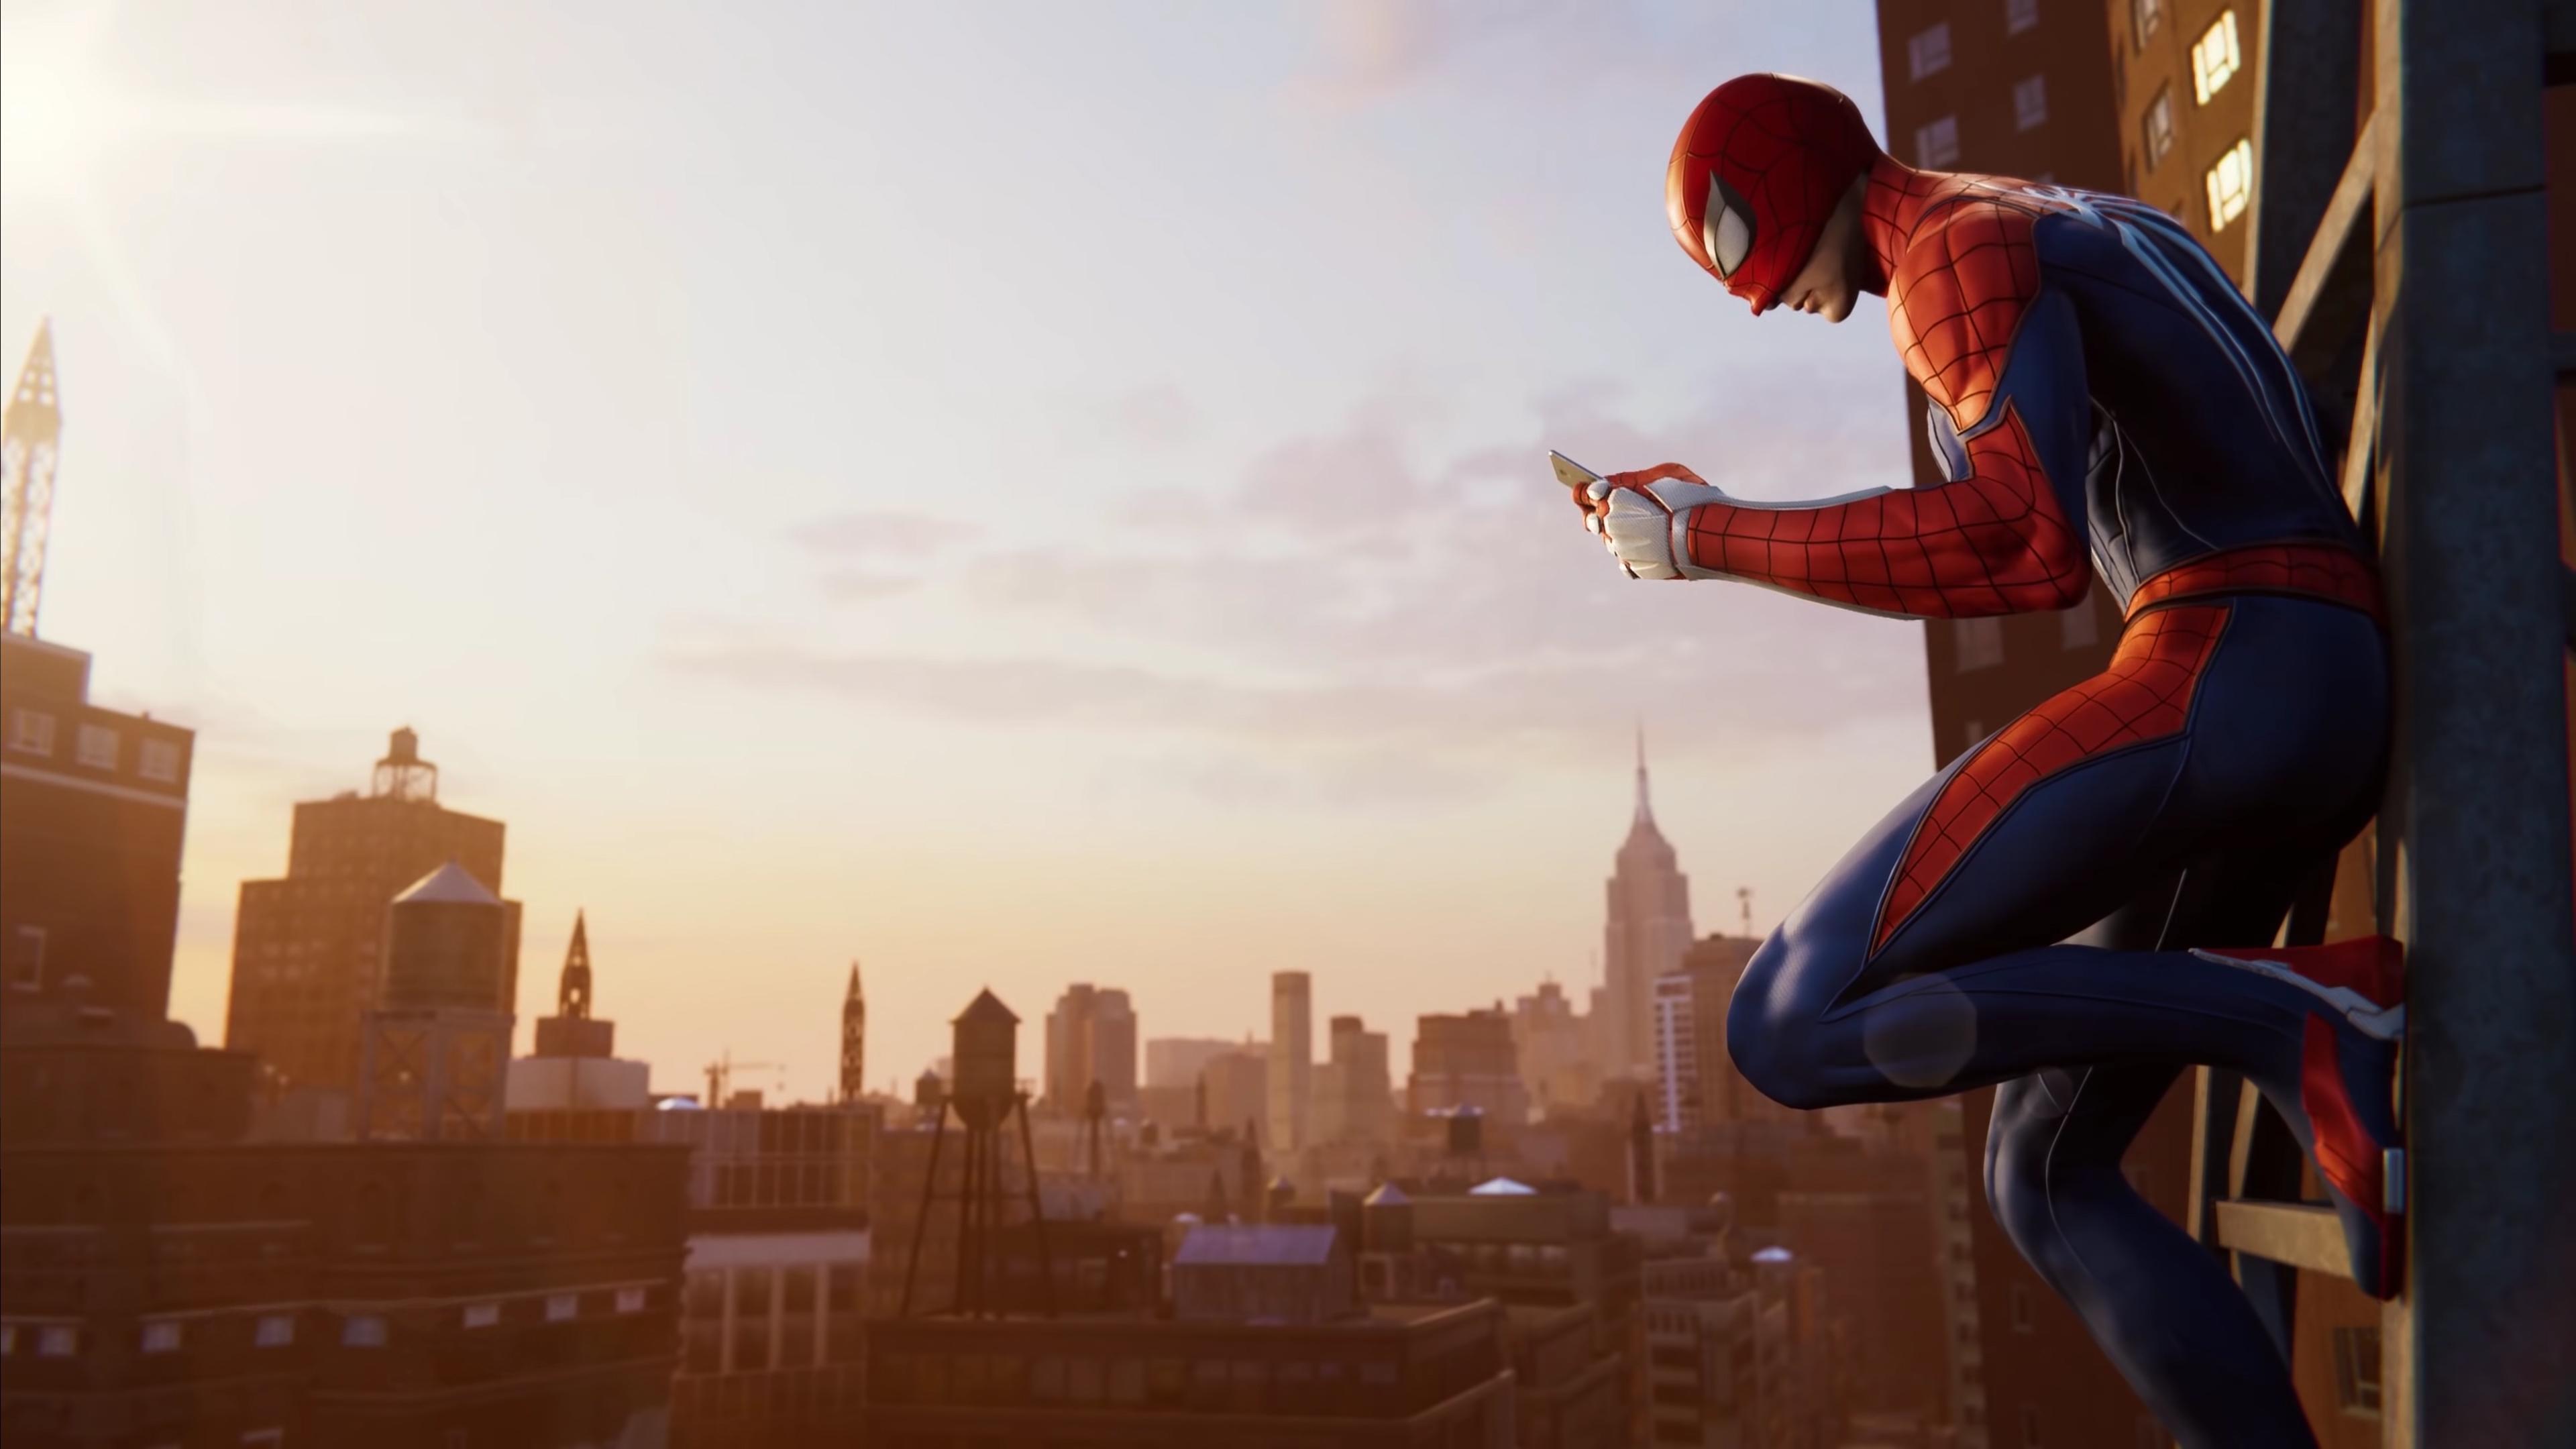 Spider Man Ps4 4k Ultra Hd Wallpaper Sfondi 3840x2160 Id